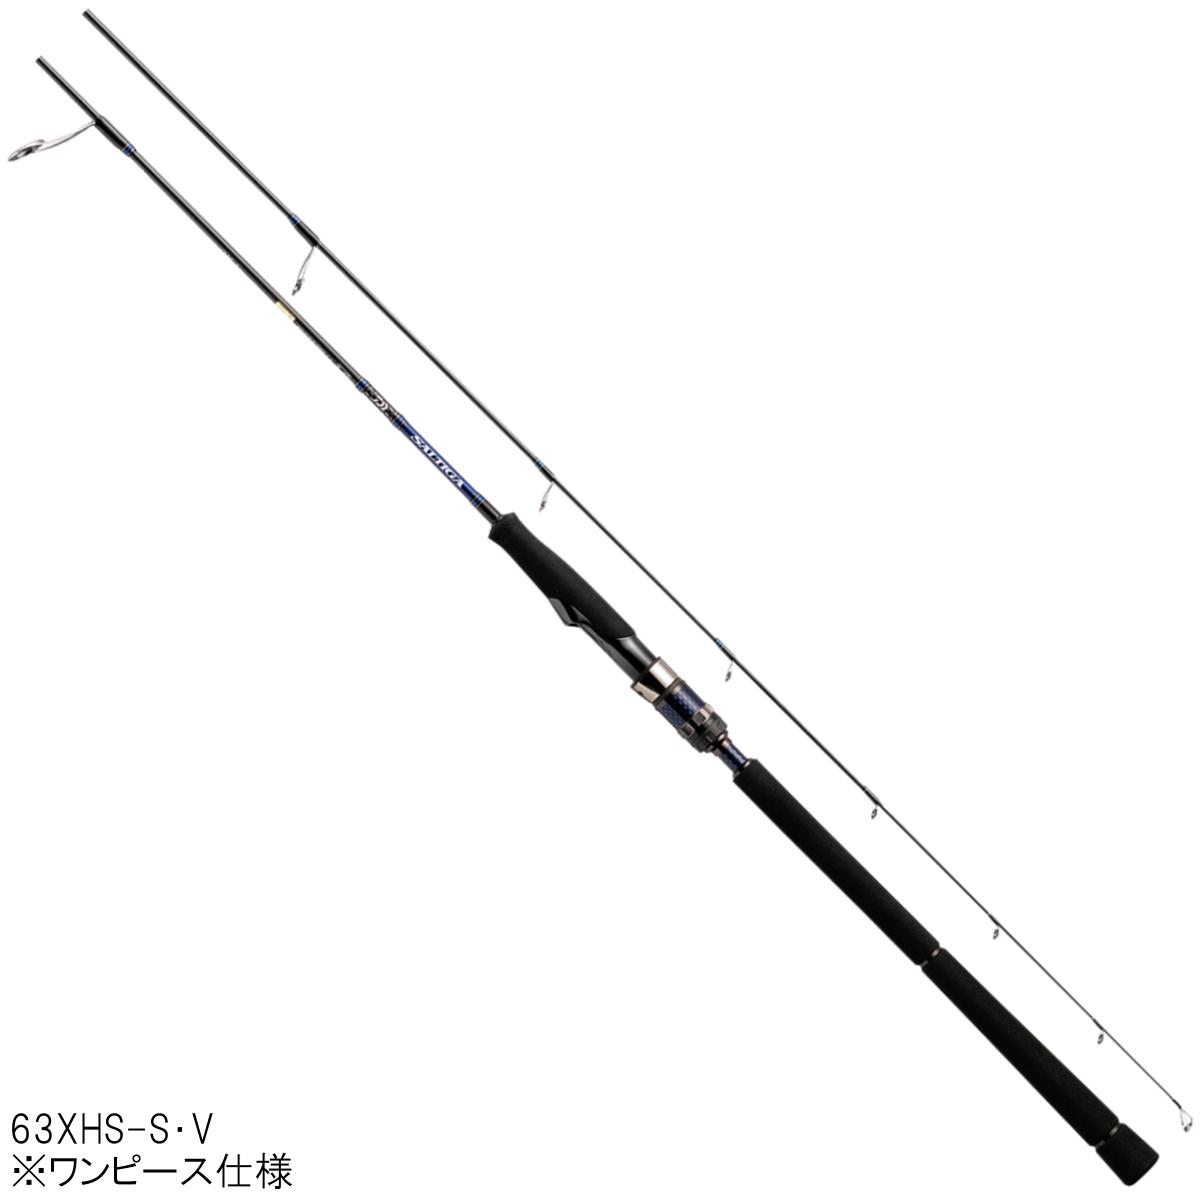 ダイワ ソルティガ BJ ローレスポンス 63XHS-S・V【大型商品】